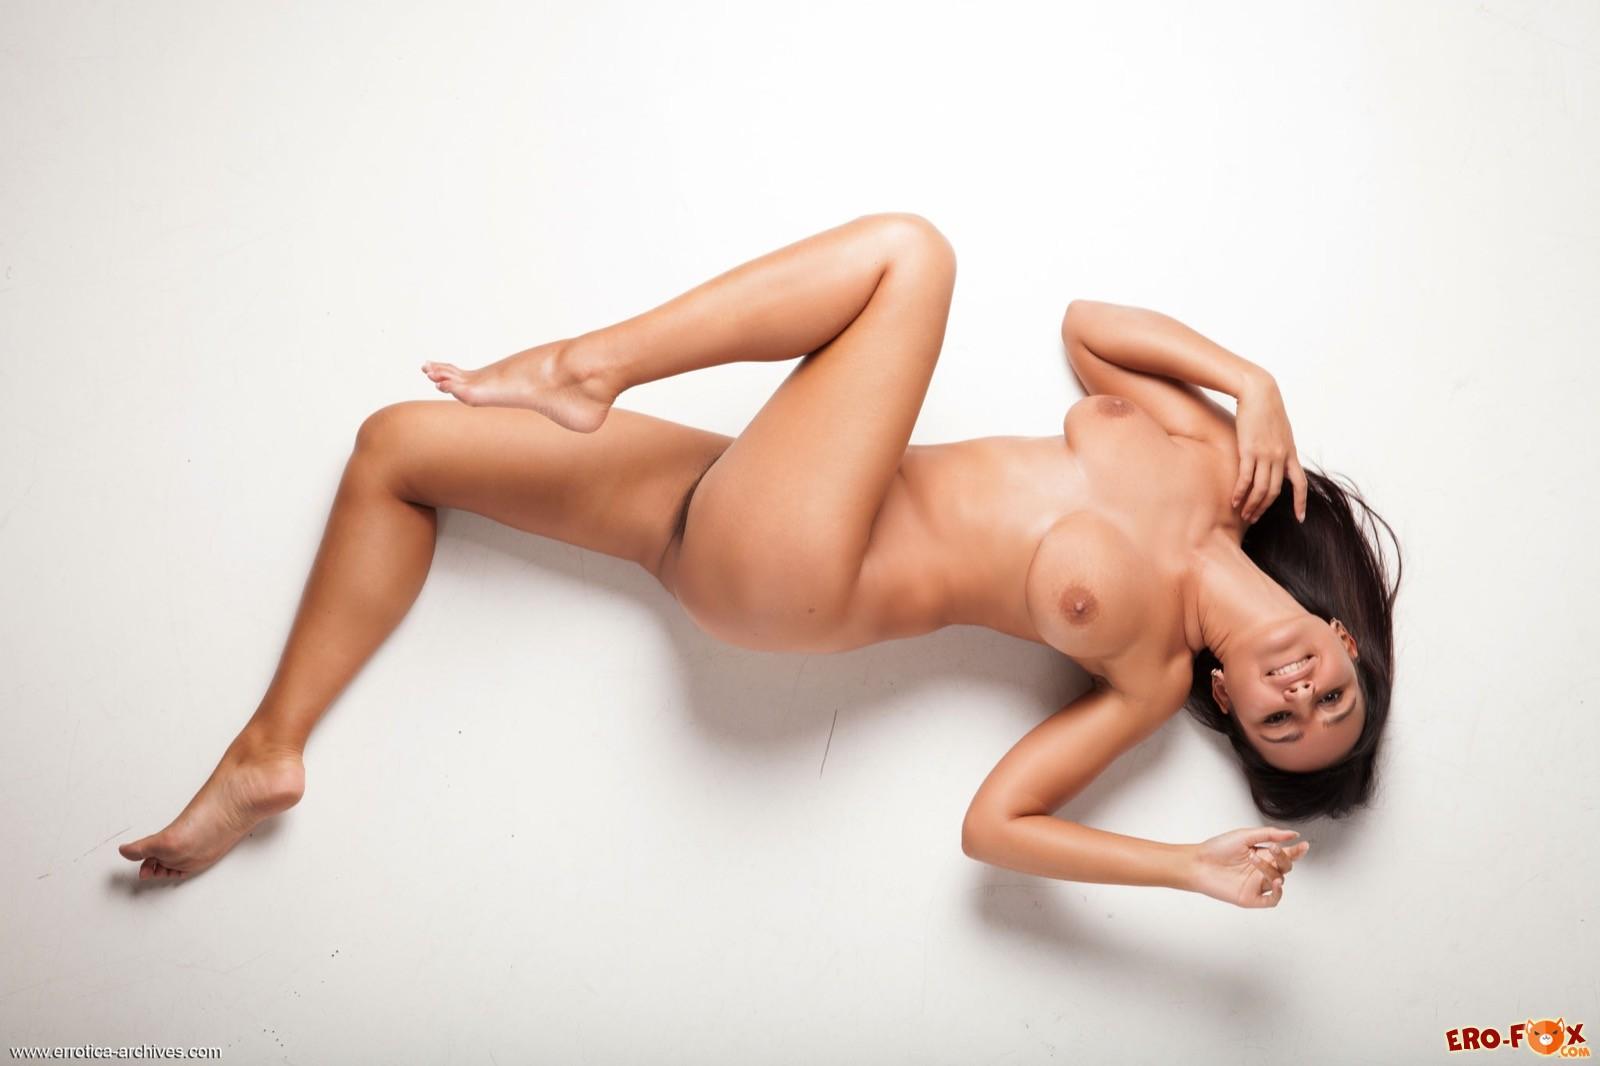 Загорелая красавица с волосатой киской лежит на полу